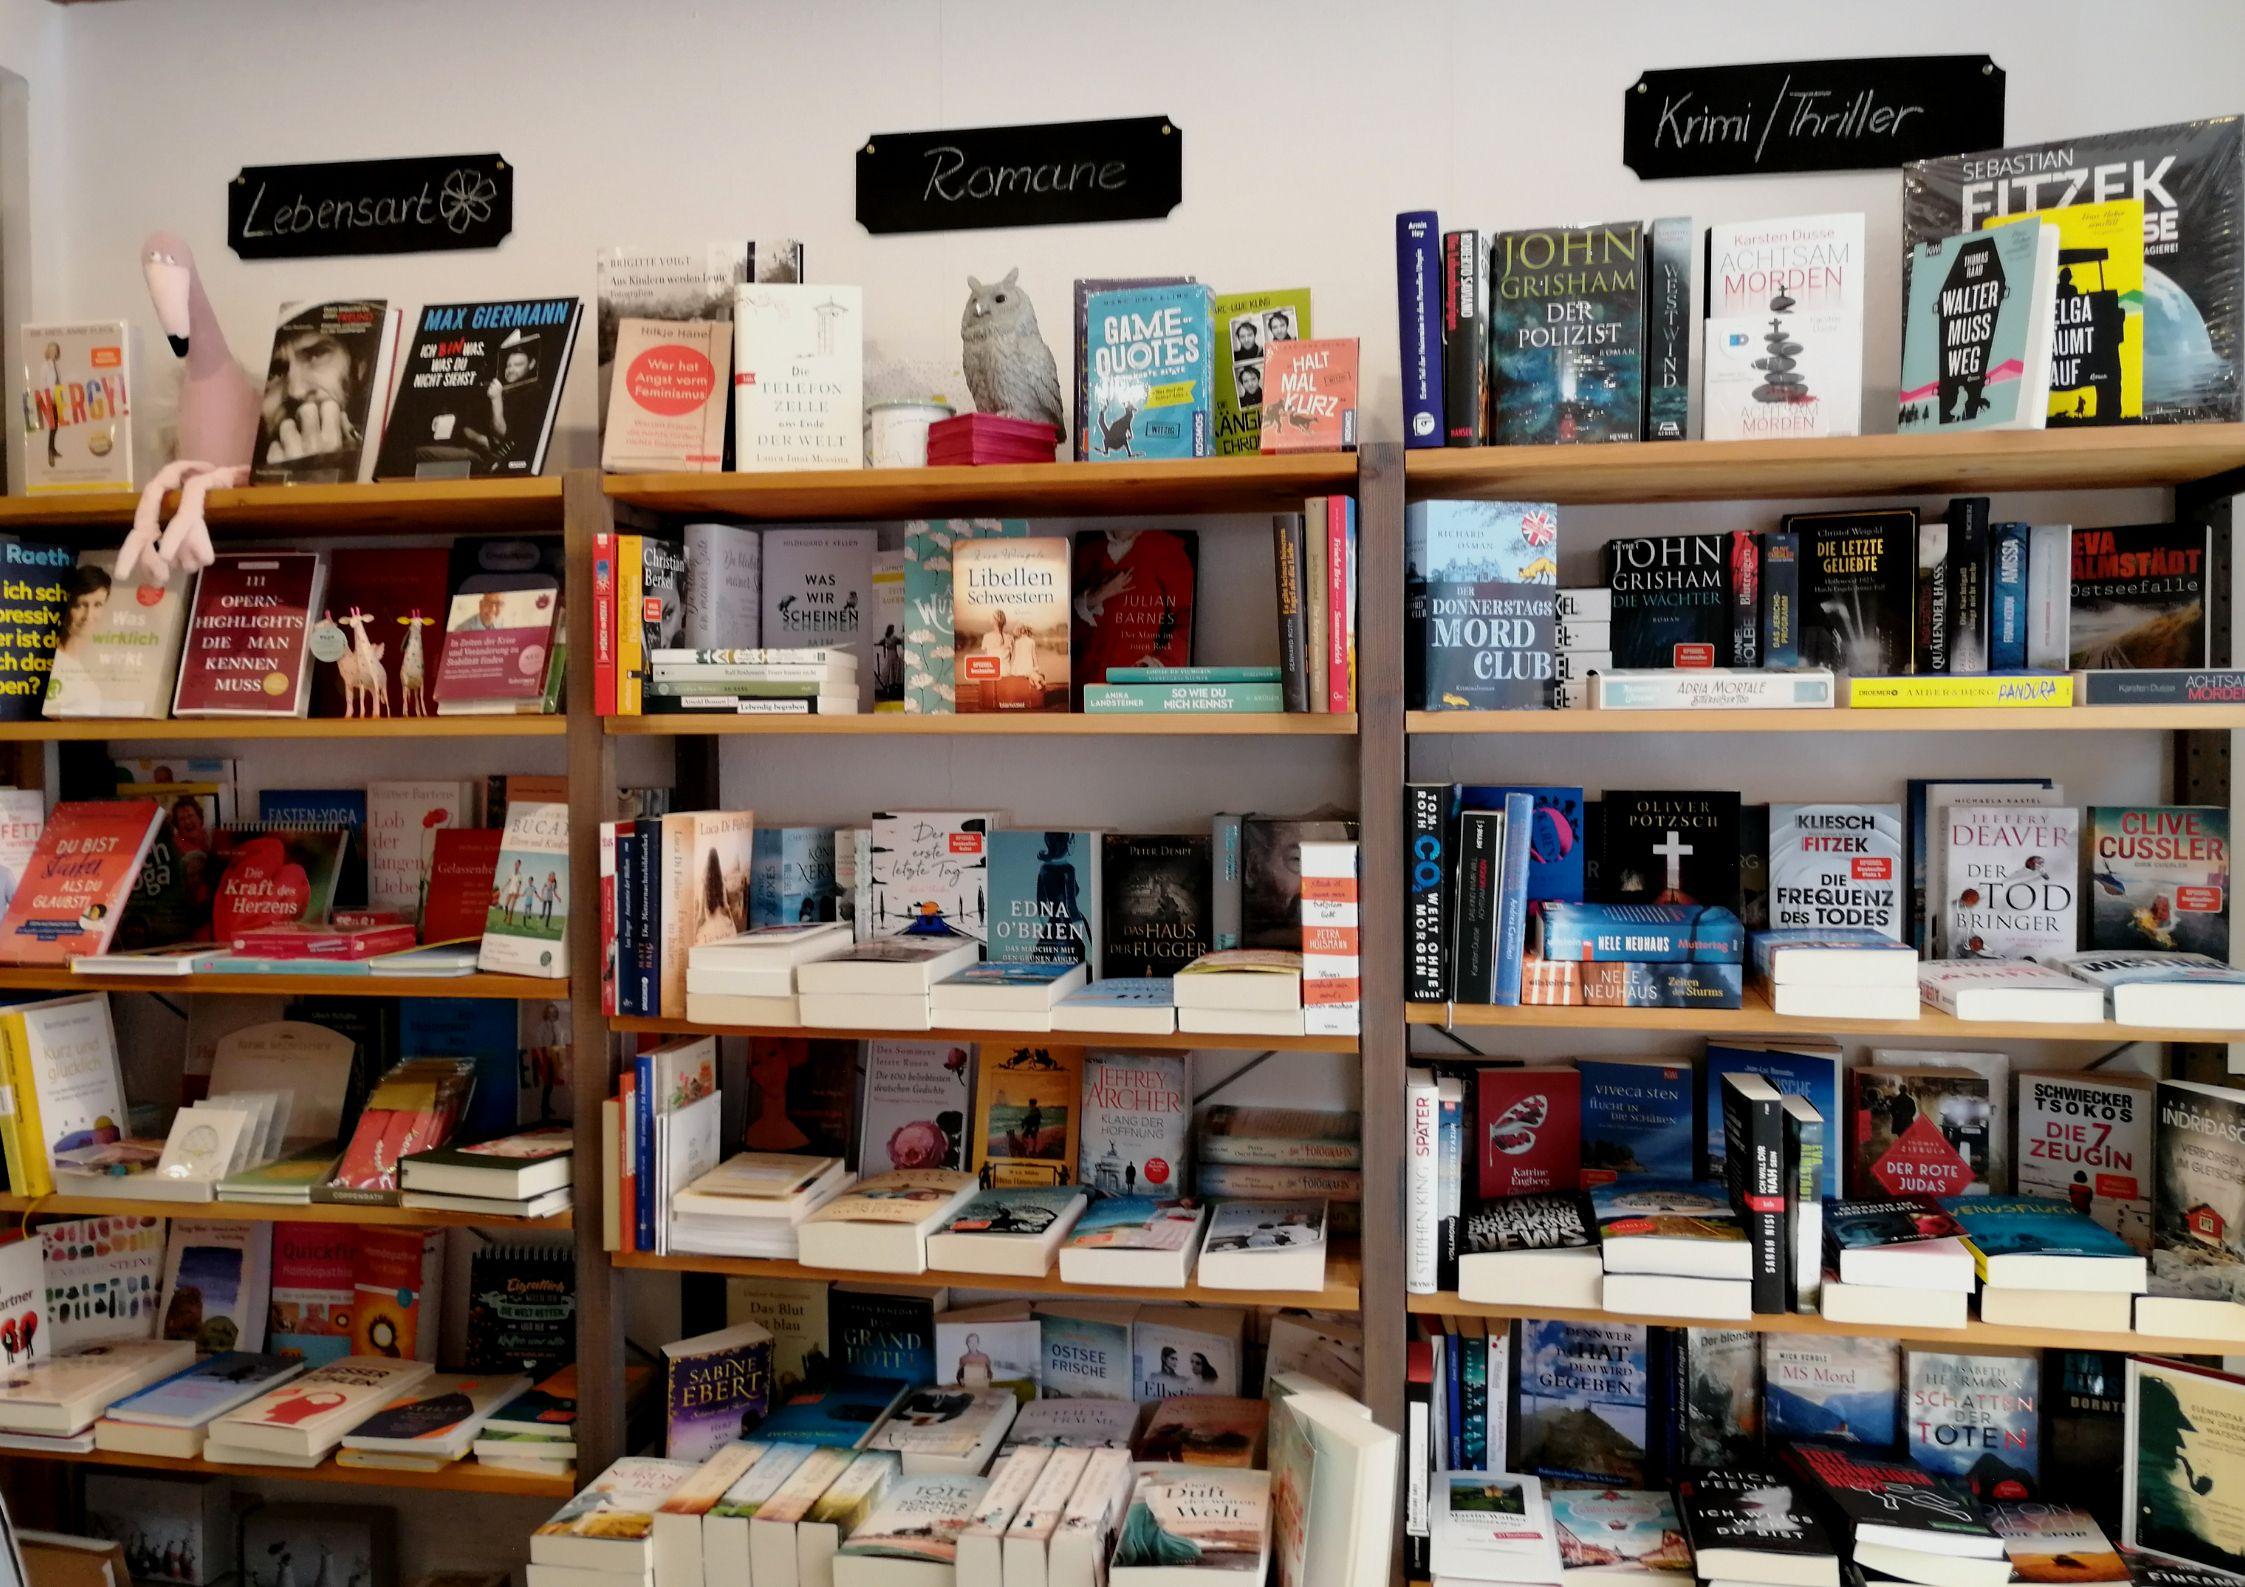 Der Buchladen reingelesen